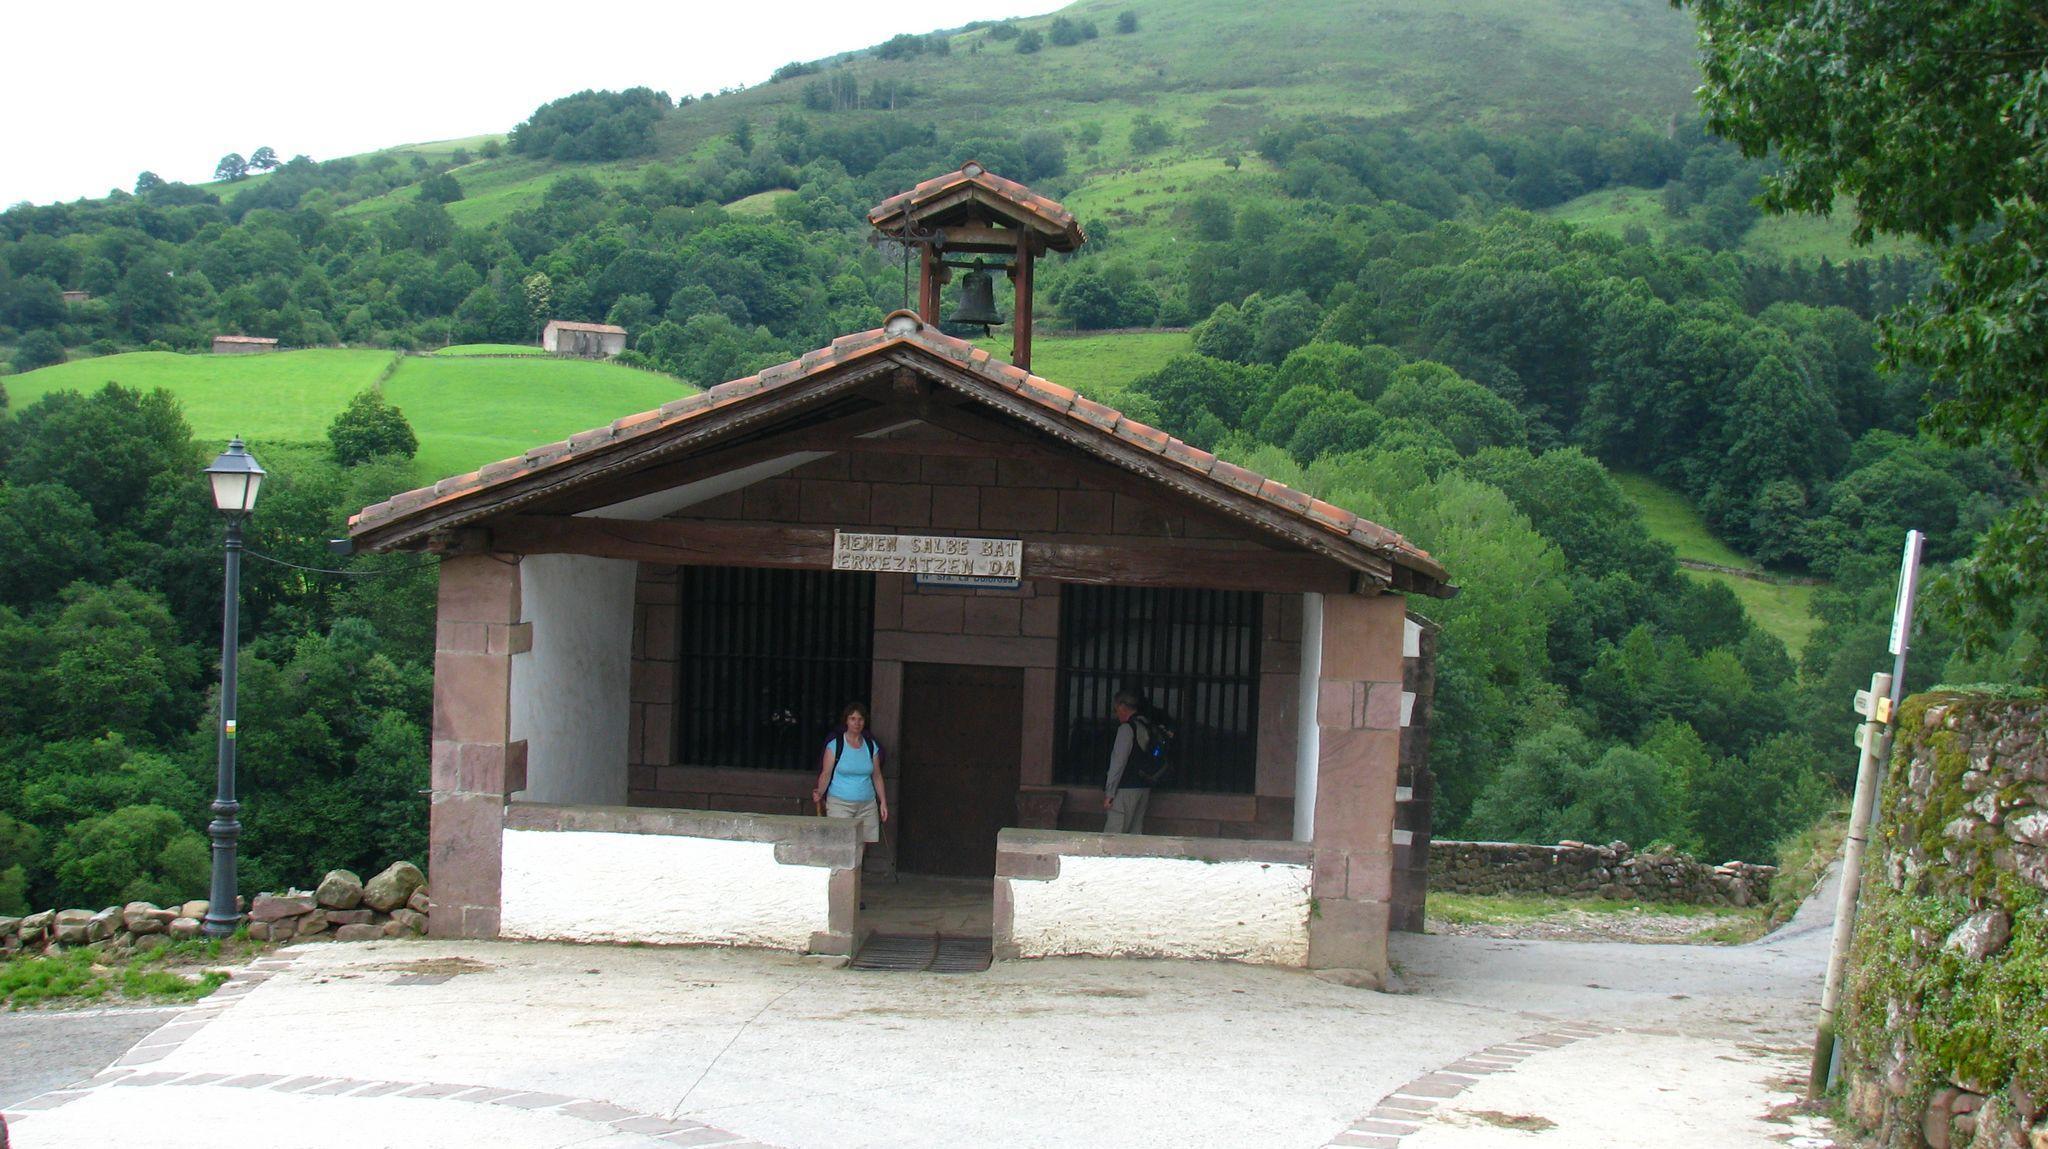 Gorostapalo - Navarre